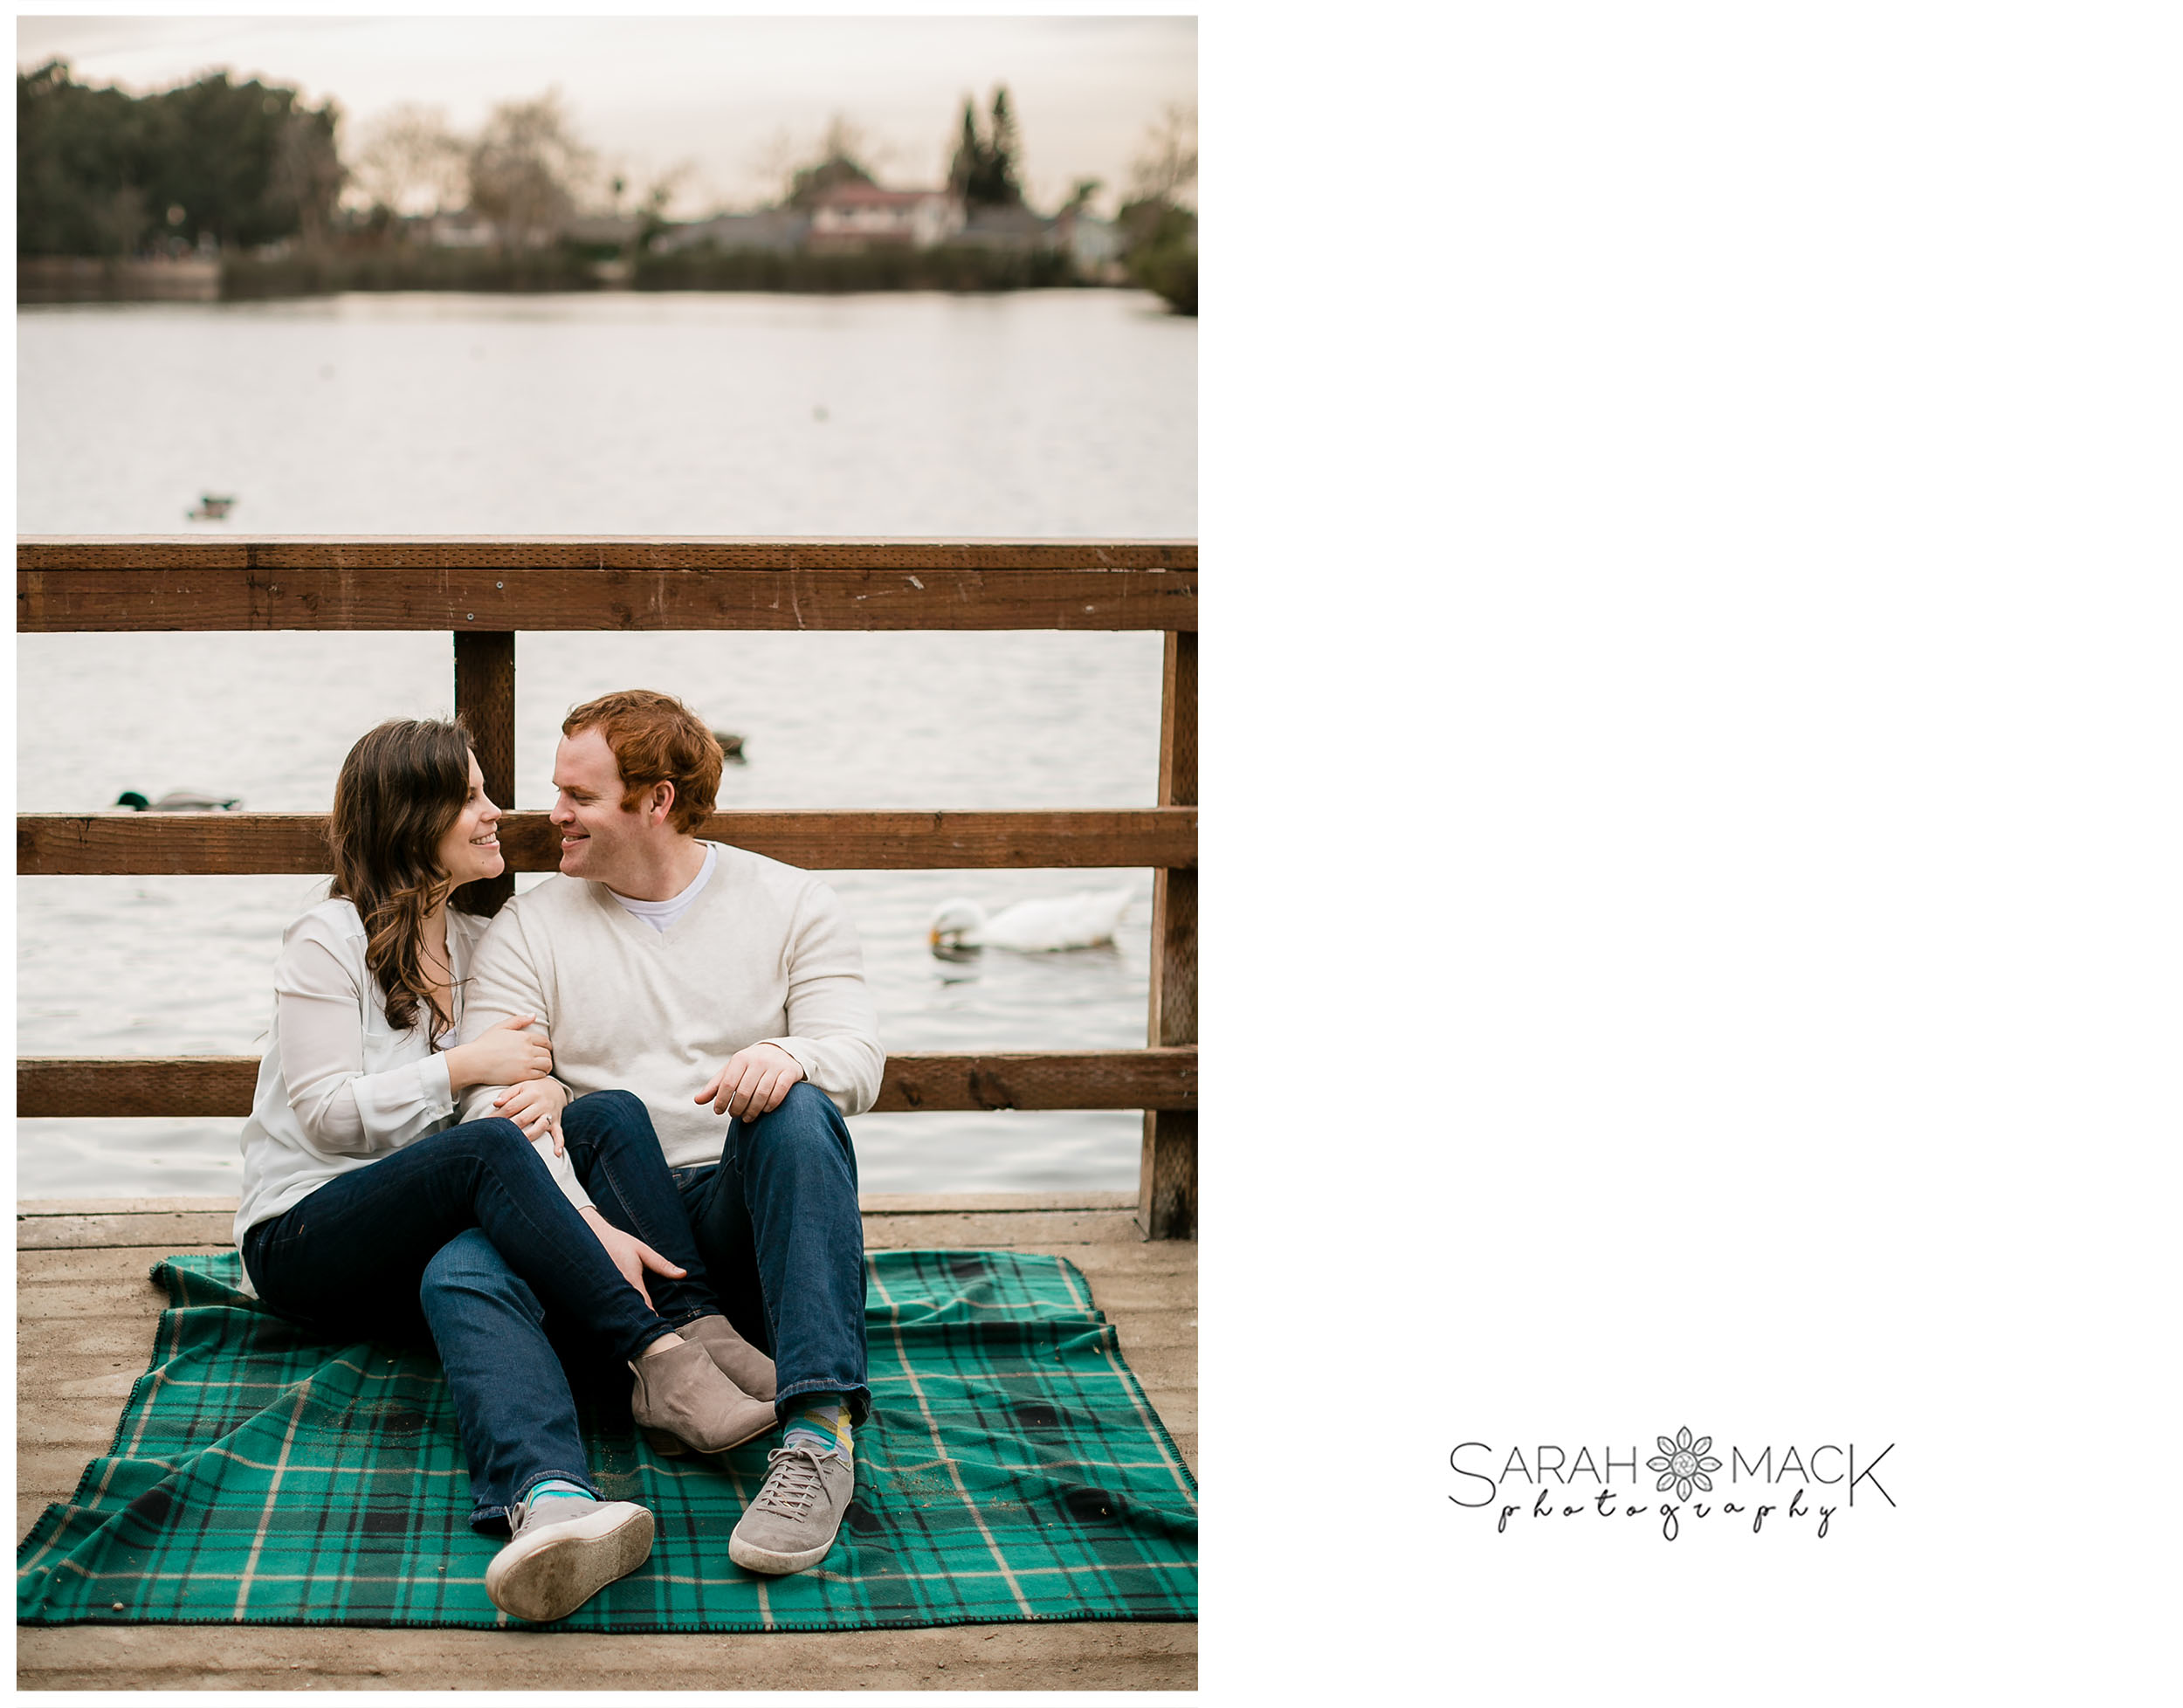 AM-Huntington-Beach-Central-Park-Engagement-Photography-5.jpg